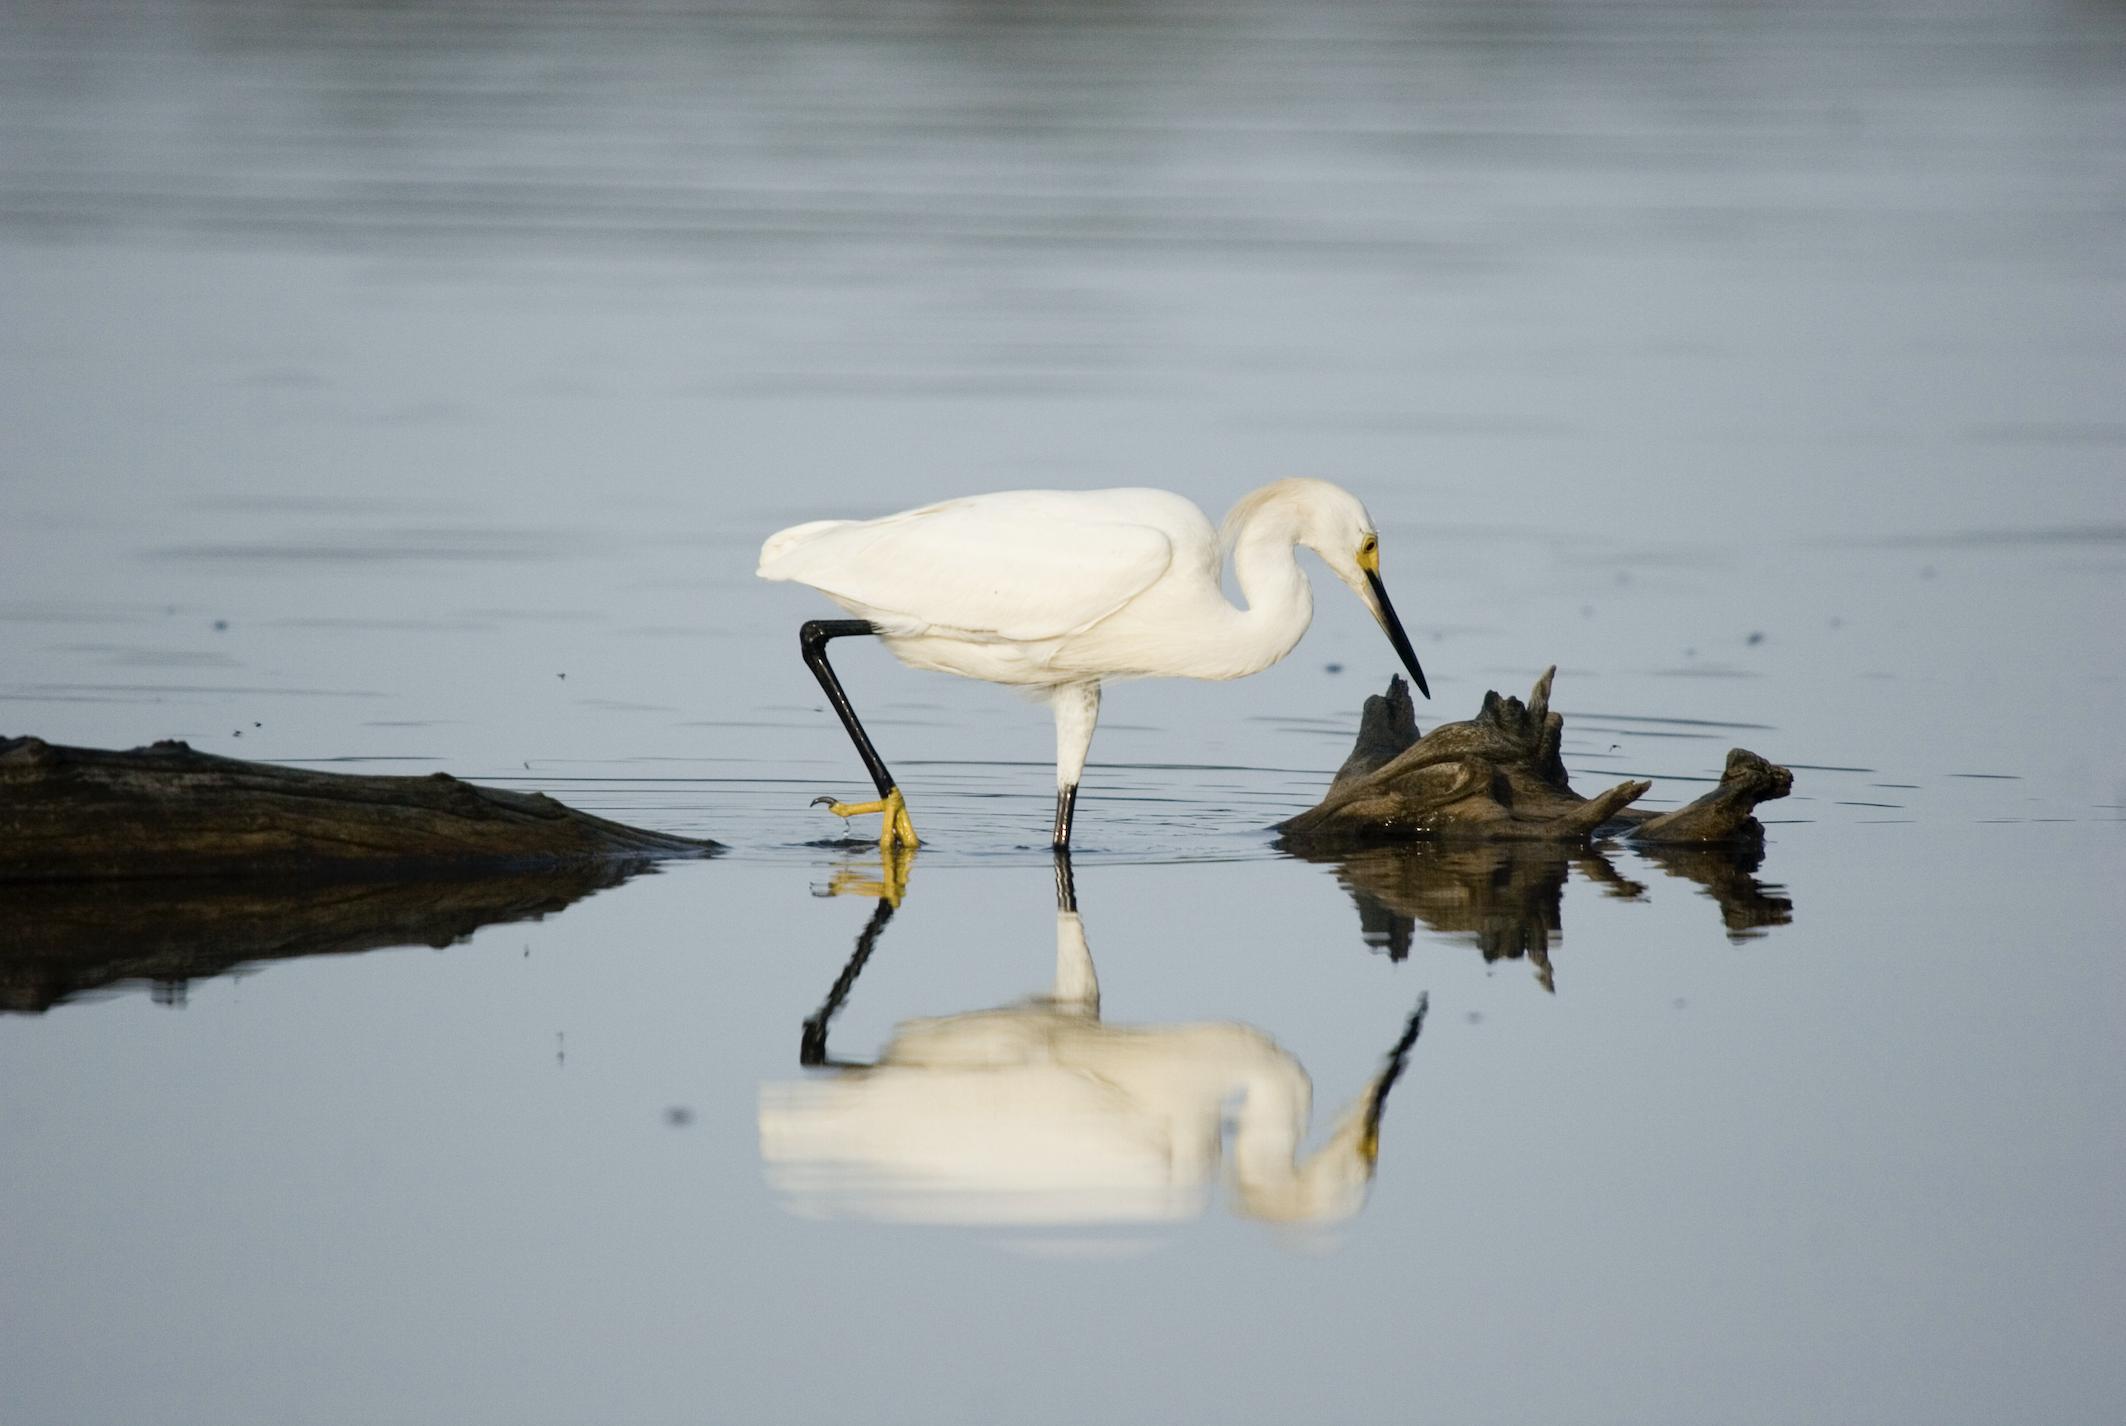 , CEMEX recibe nominación por Plan de Acción para la Biodiversidad Las Salinas y Laguna Cabral